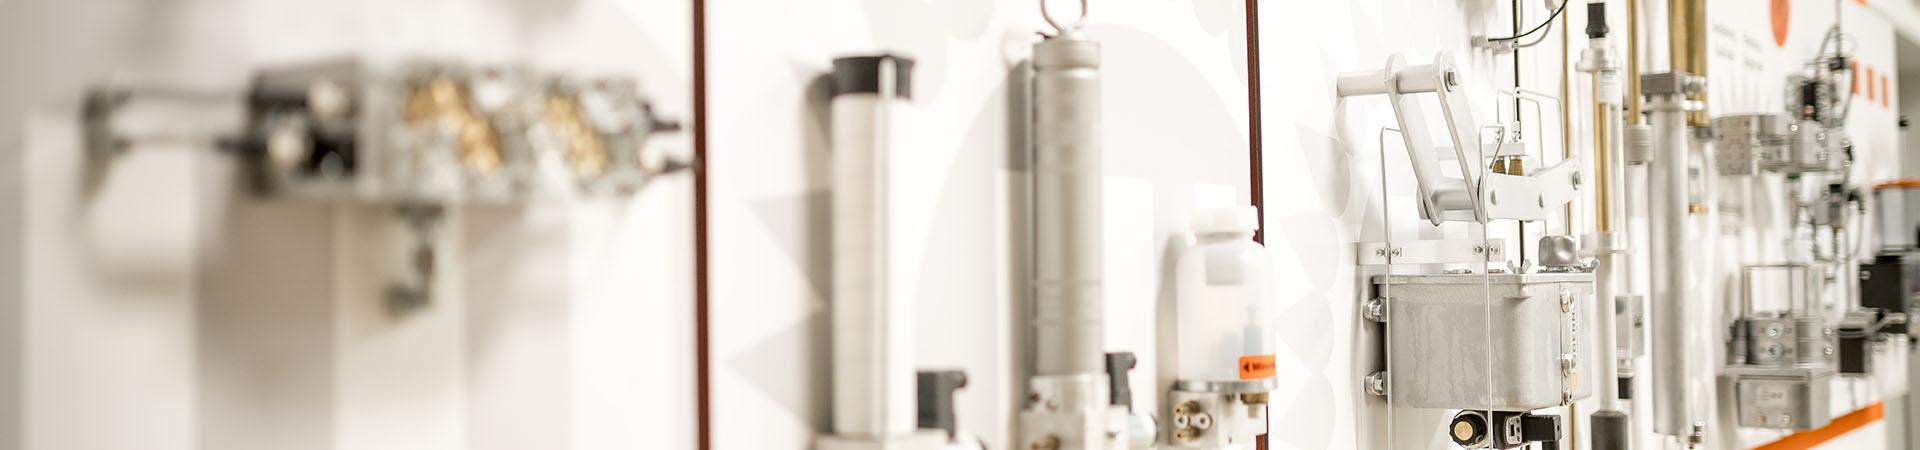 Компактные и картриджные масляные насосы Woerner